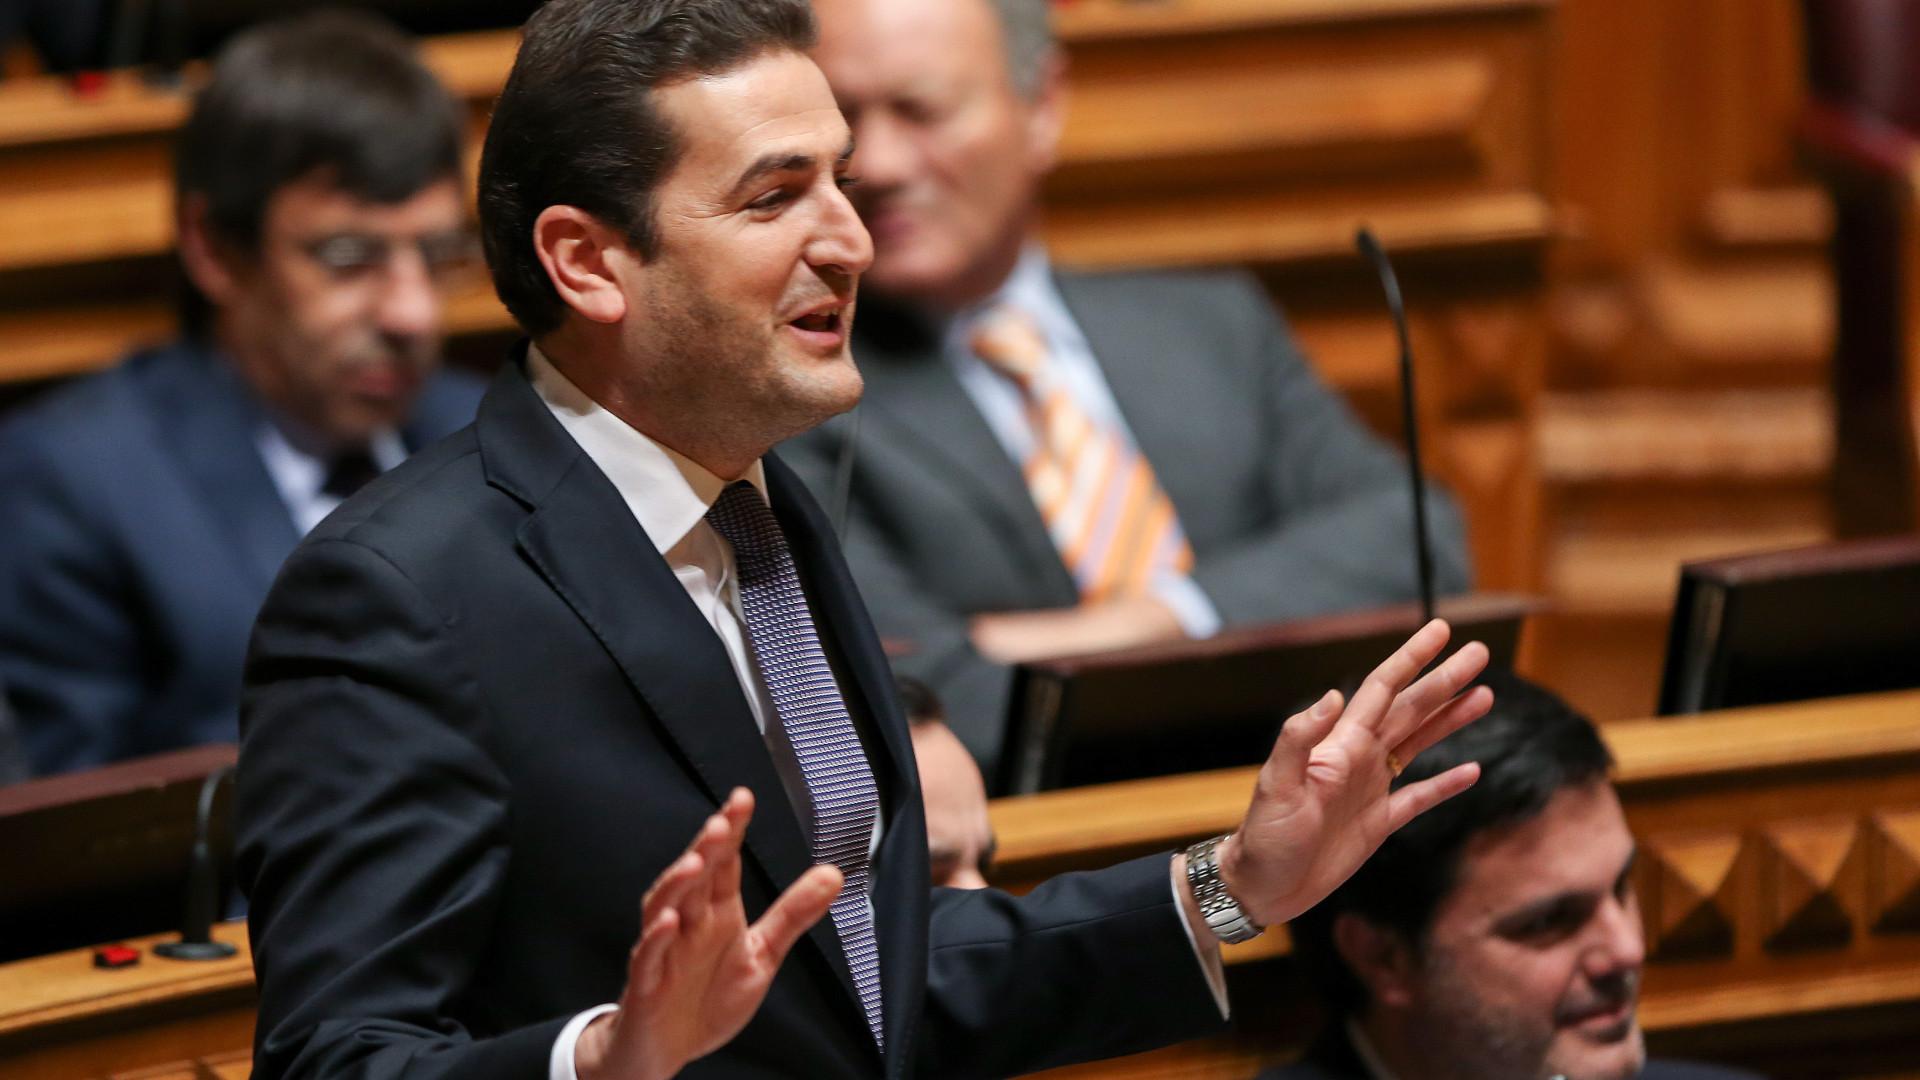 PSD confronta Costa com despacho que permite 850 horas extraordinárias